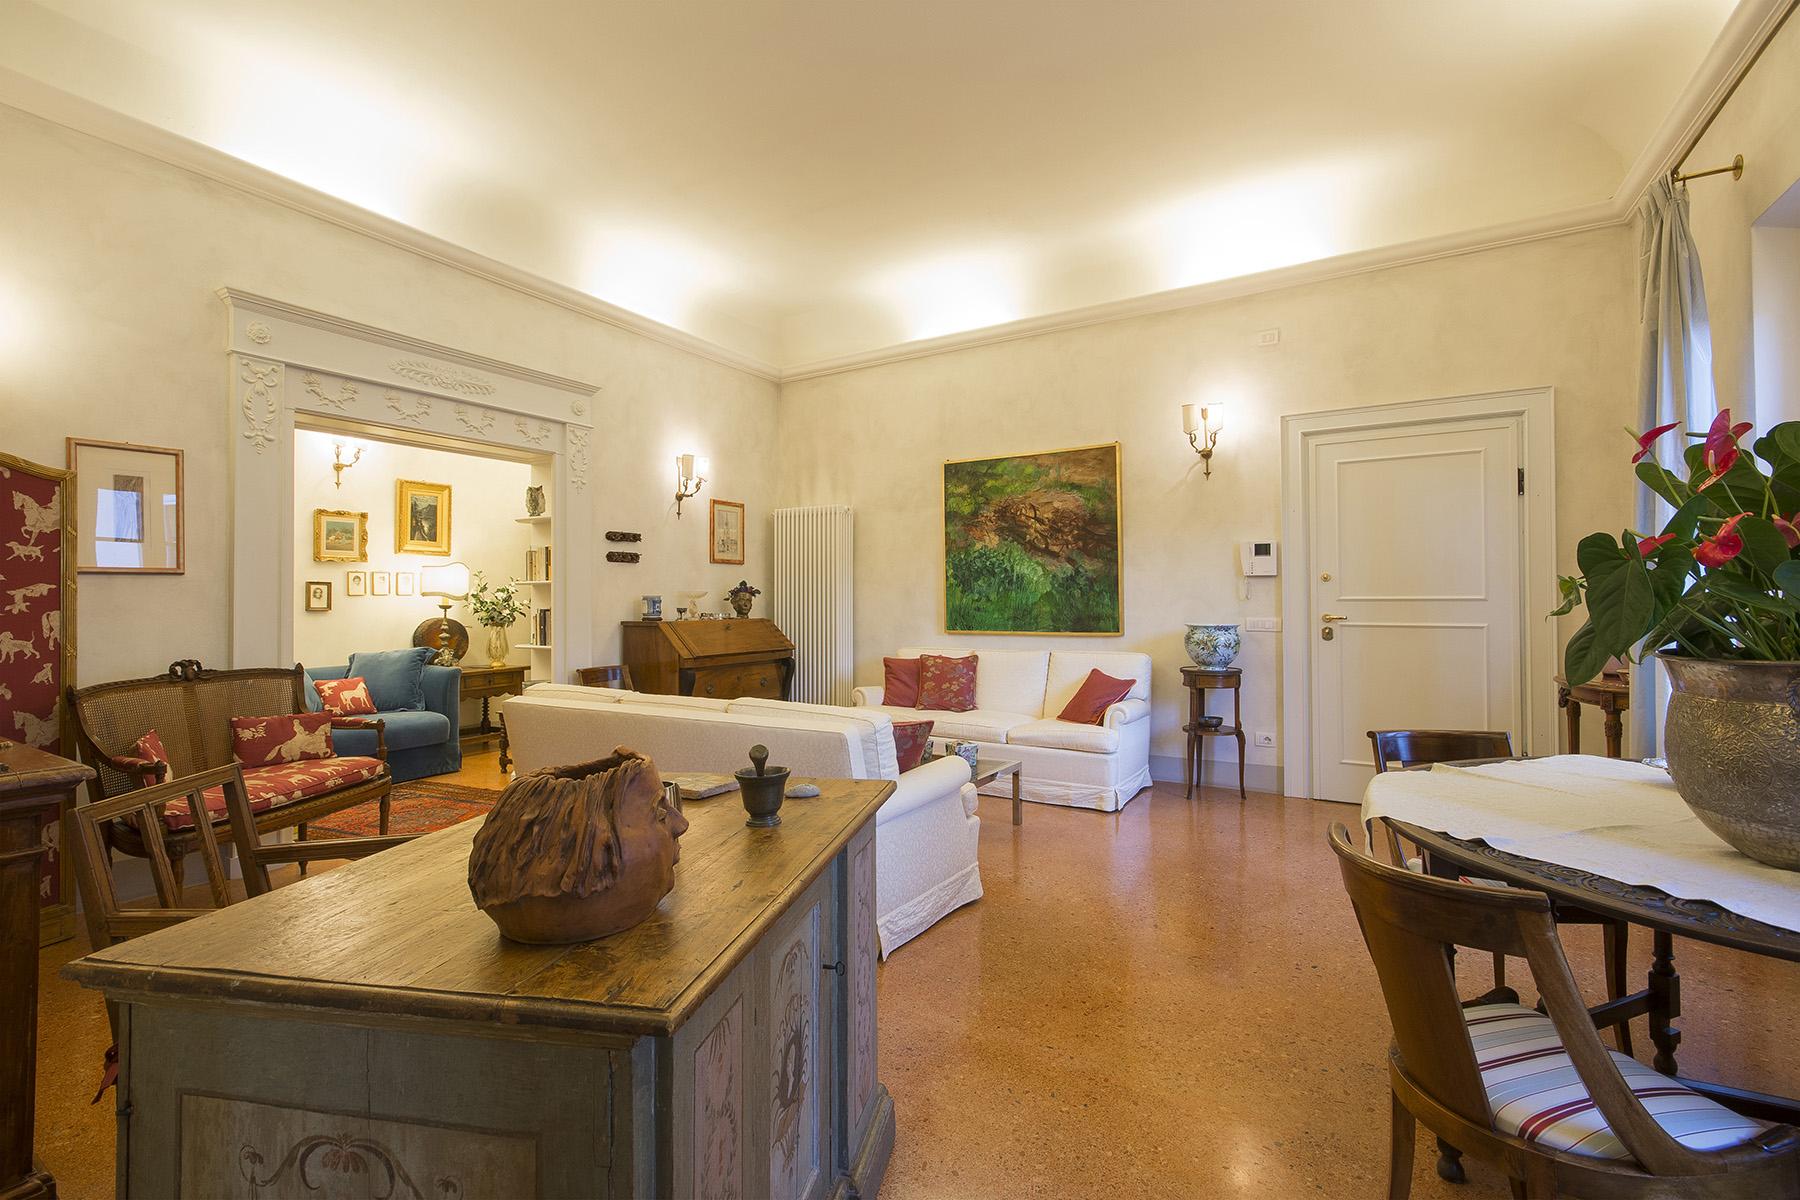 Appartamento in Vendita a Lucca: 5 locali, 86 mq - Foto 3